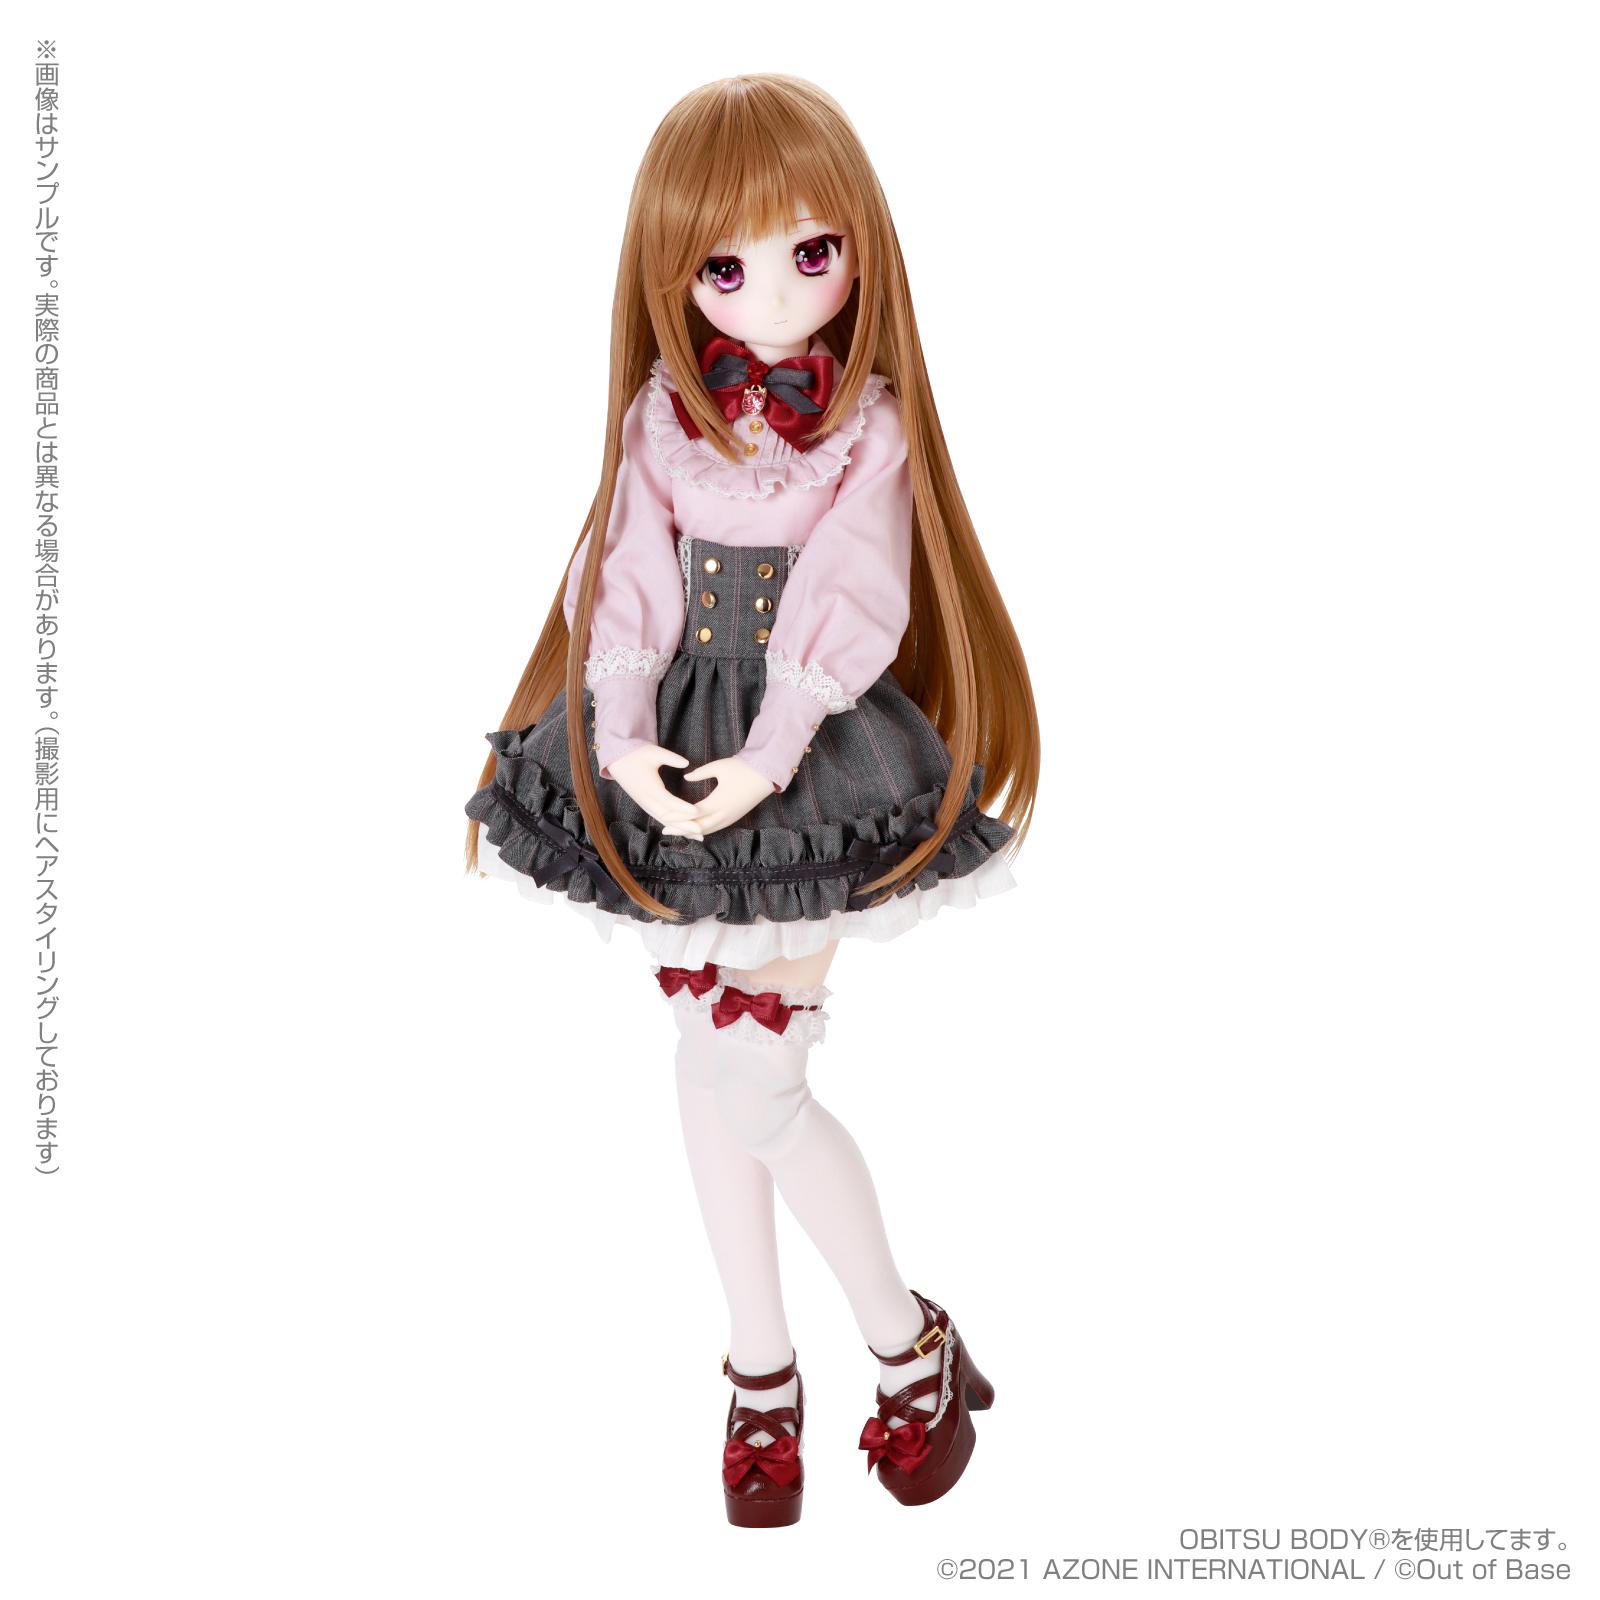 Iris Collect petit『すずね/~Wonder fraulein~Goth×Loli cats(通常販売ver.)』アイリスコレクト プチ 1/3 完成品ドール-018